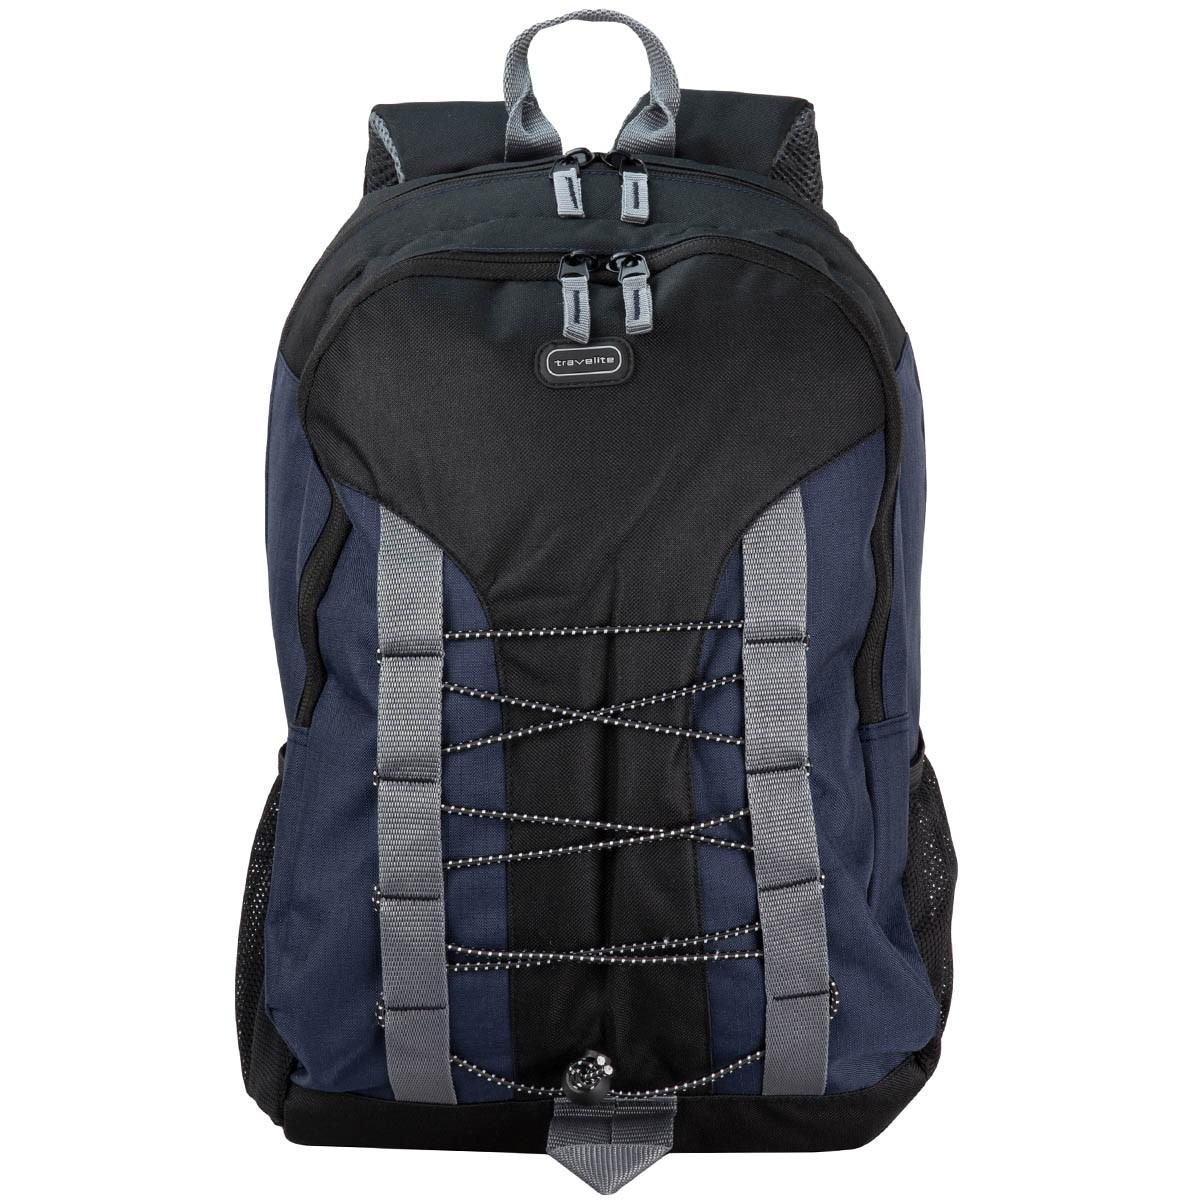 travelite basics rucksack schulrucksack daypack backpack 96244. Black Bedroom Furniture Sets. Home Design Ideas